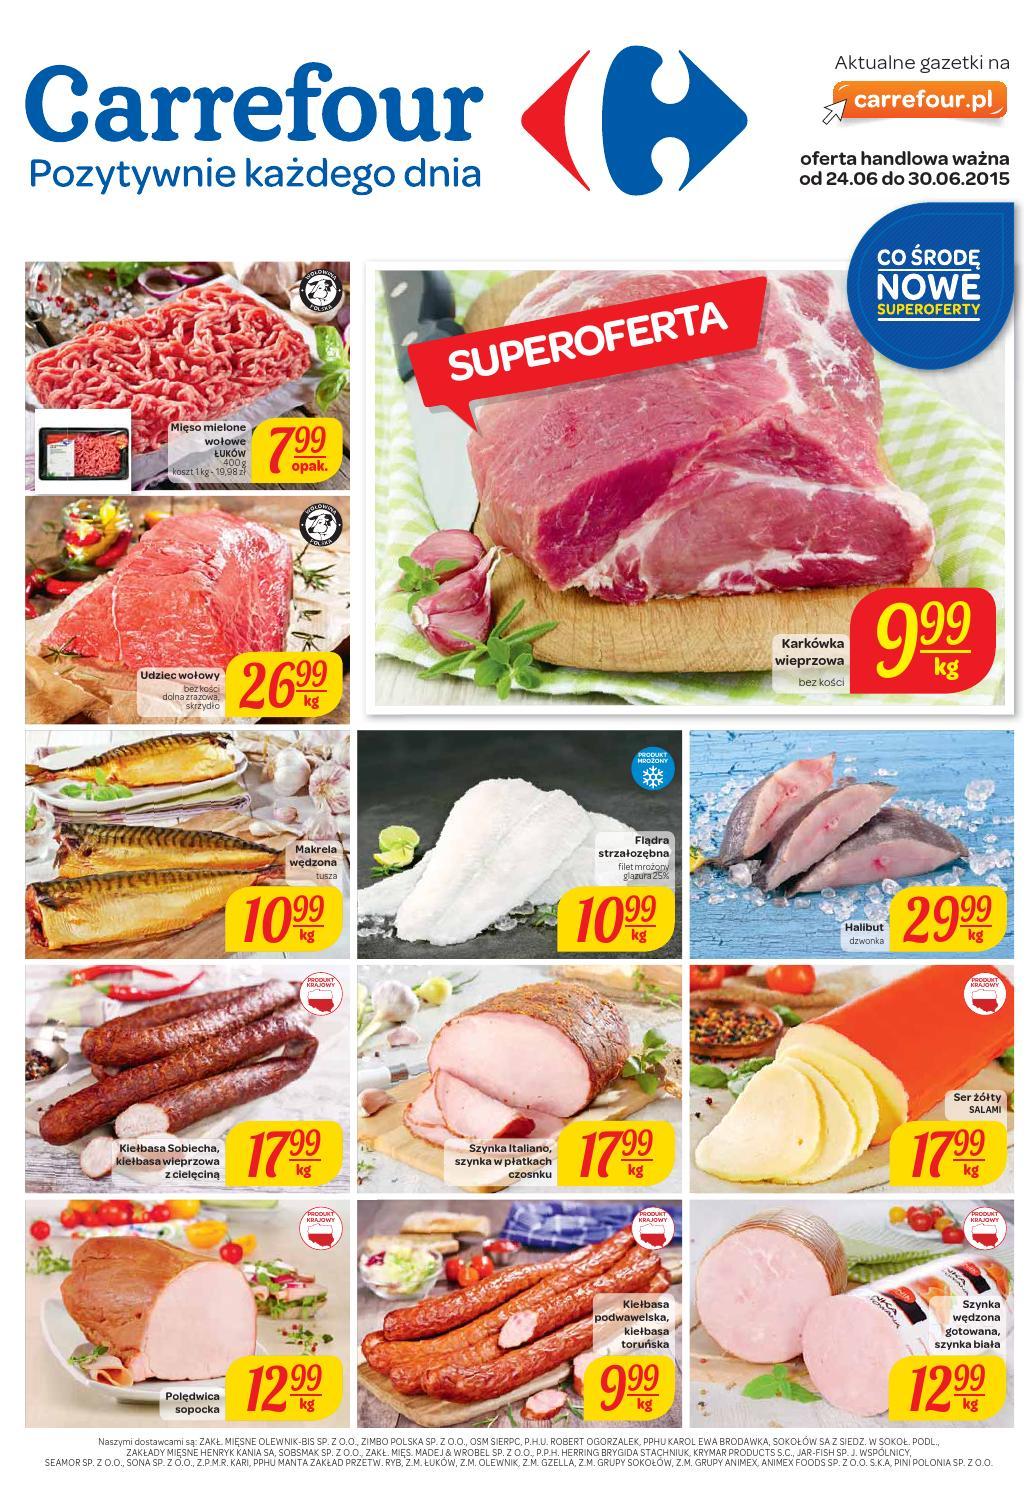 carrefour gazetka do 30062015 by iulotkapl issuu